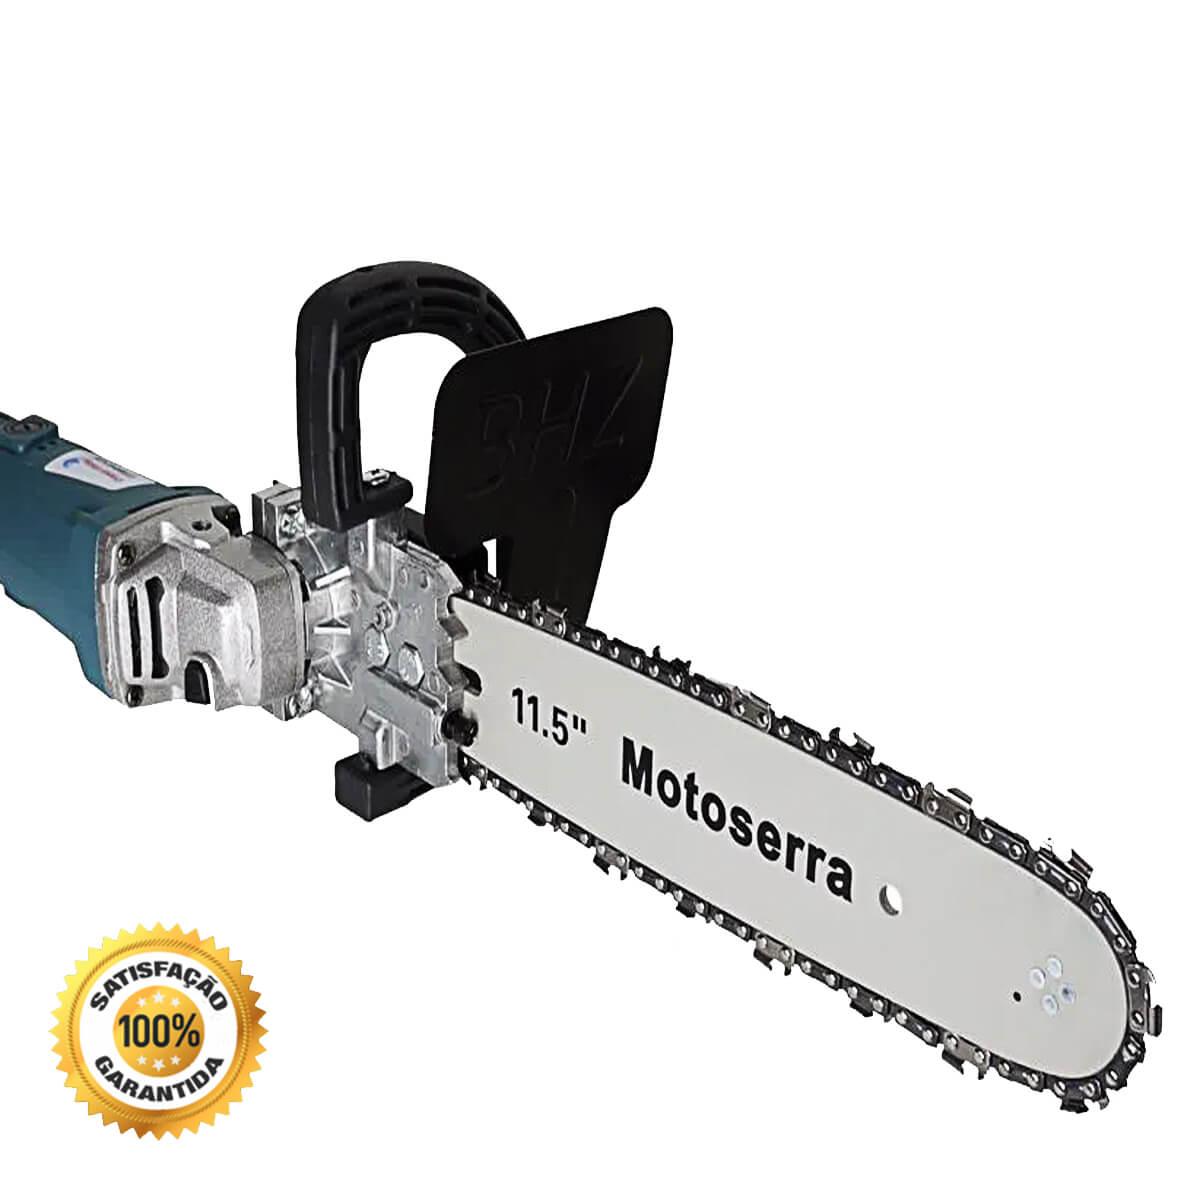 Esmerilhadeira Adaptador Motosserra + Lixadeira Angular para Madeira Parede Concreto 110V 4.1/2 115m